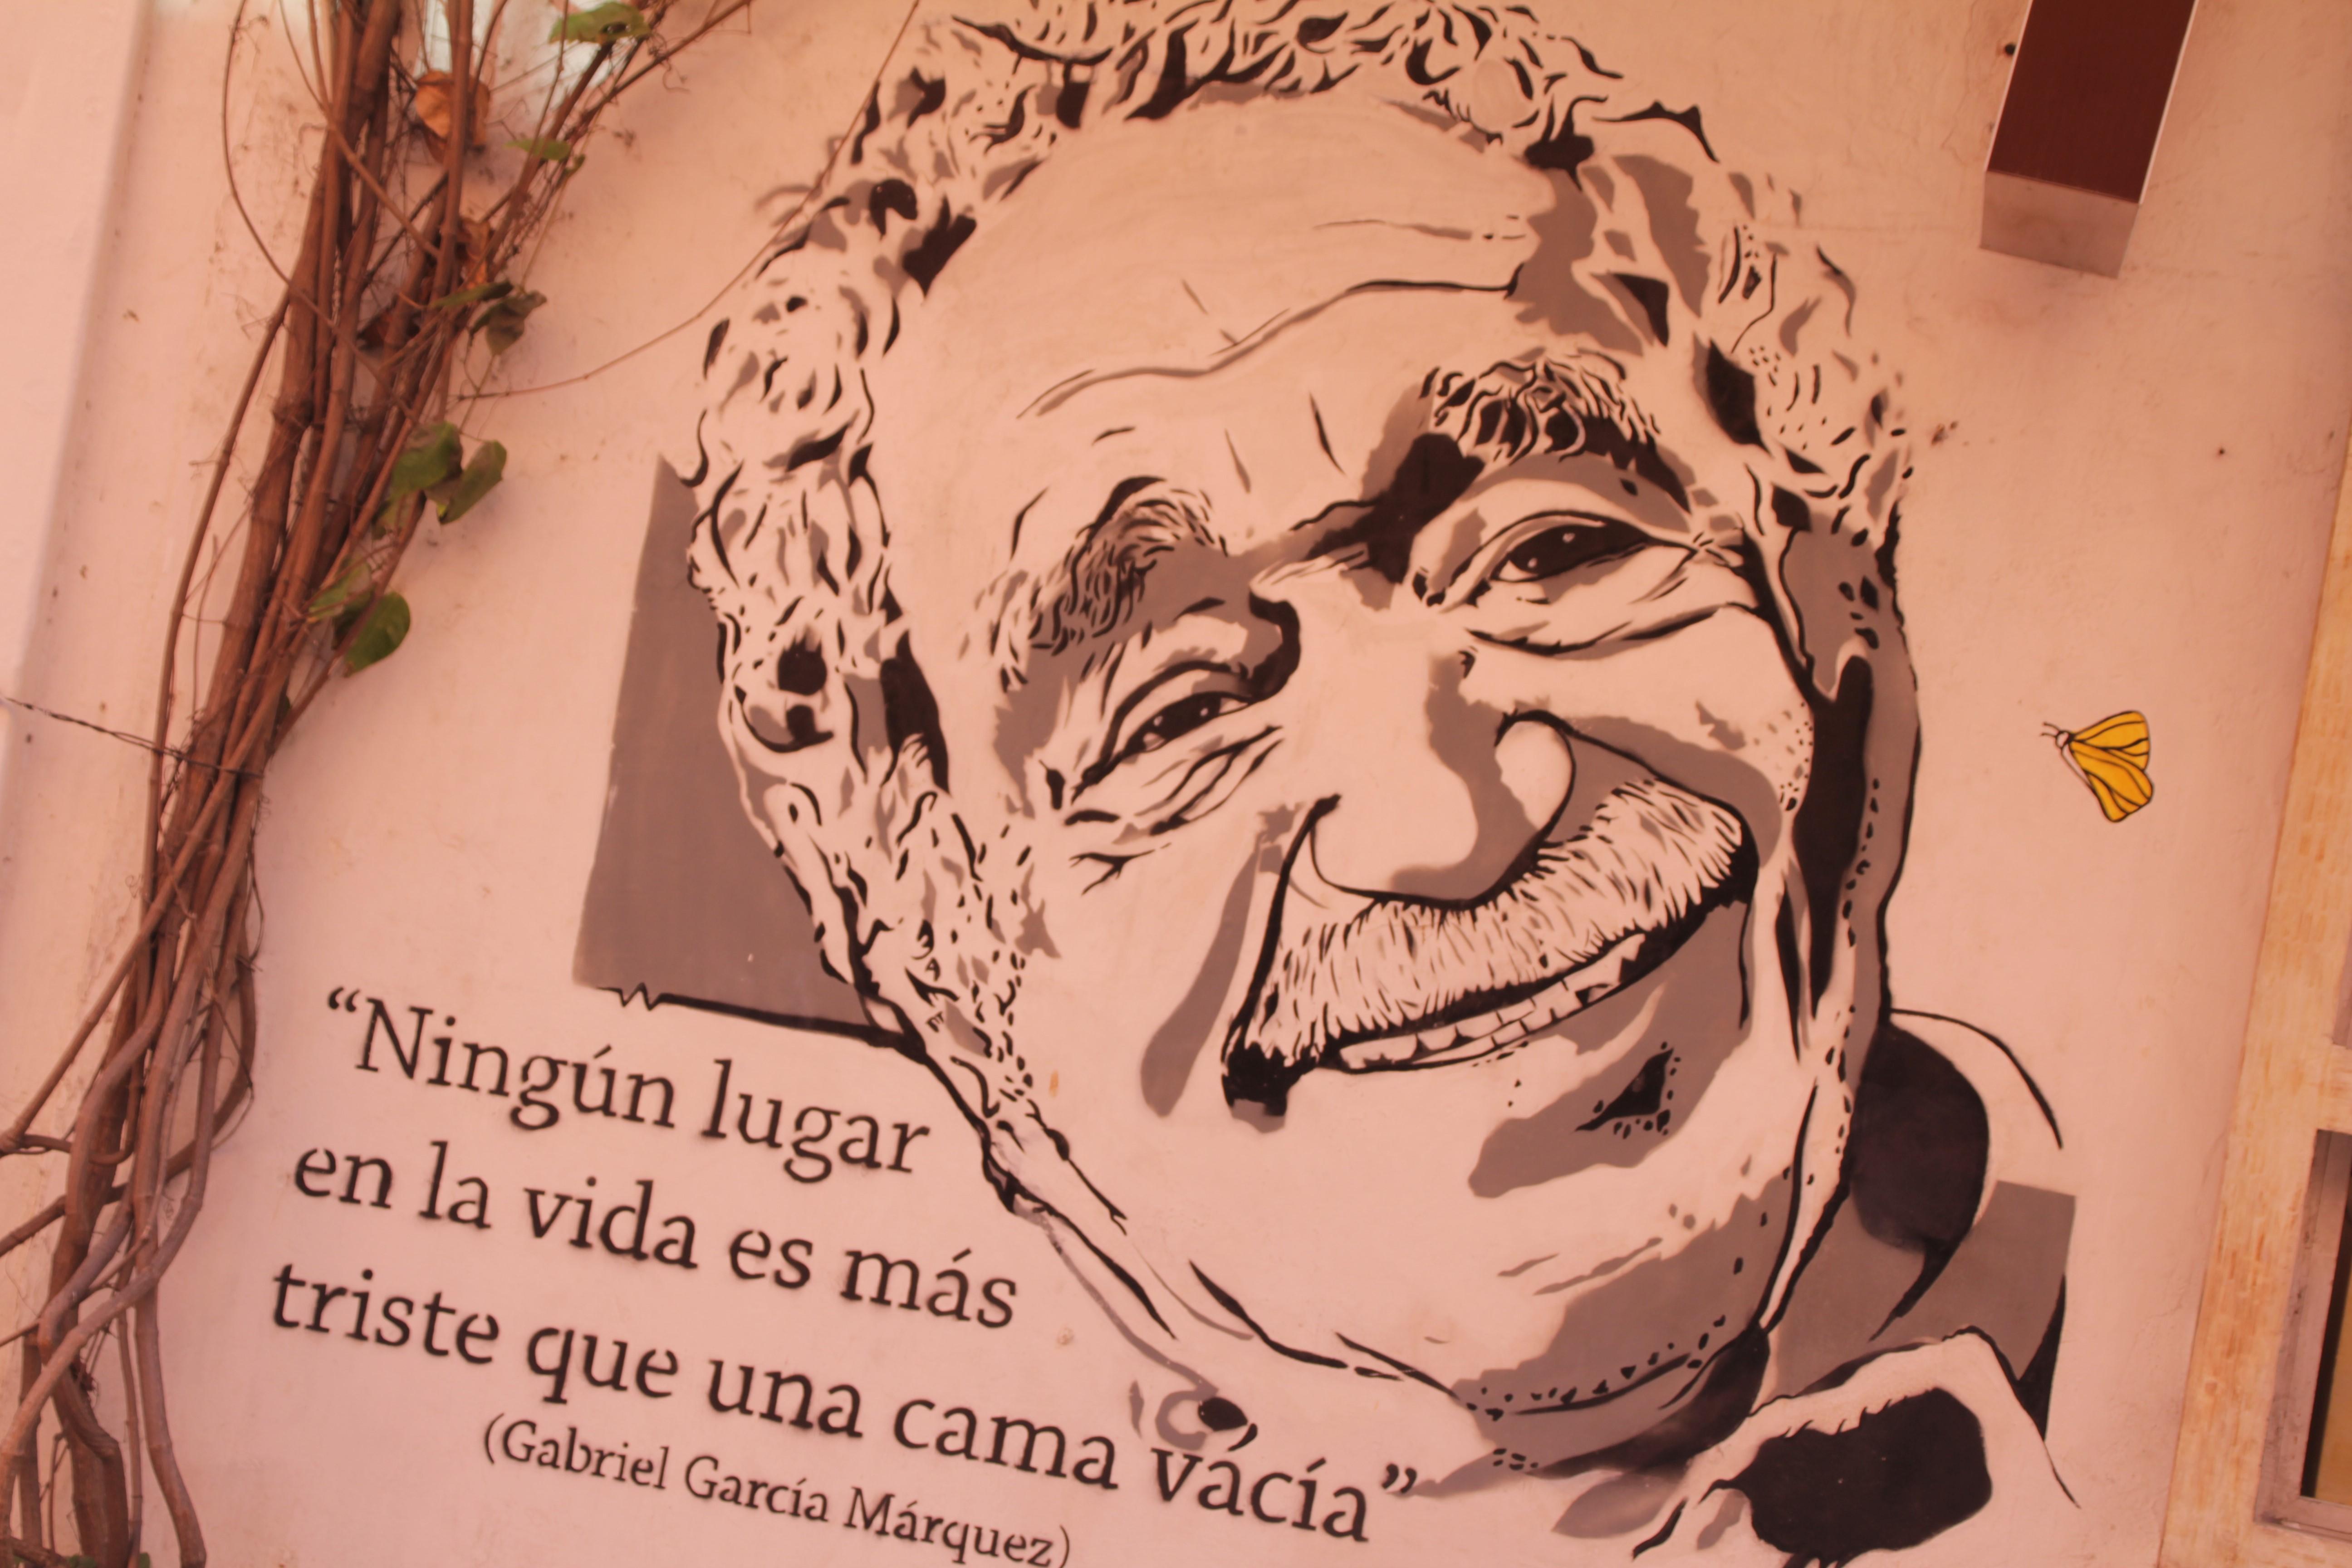 """Gabriel García Márquez, qui a écrit notamment """"Cent ans de solitude"""", est l'auteur le plus réputé de Colombie (© Jérôme Decoster)."""